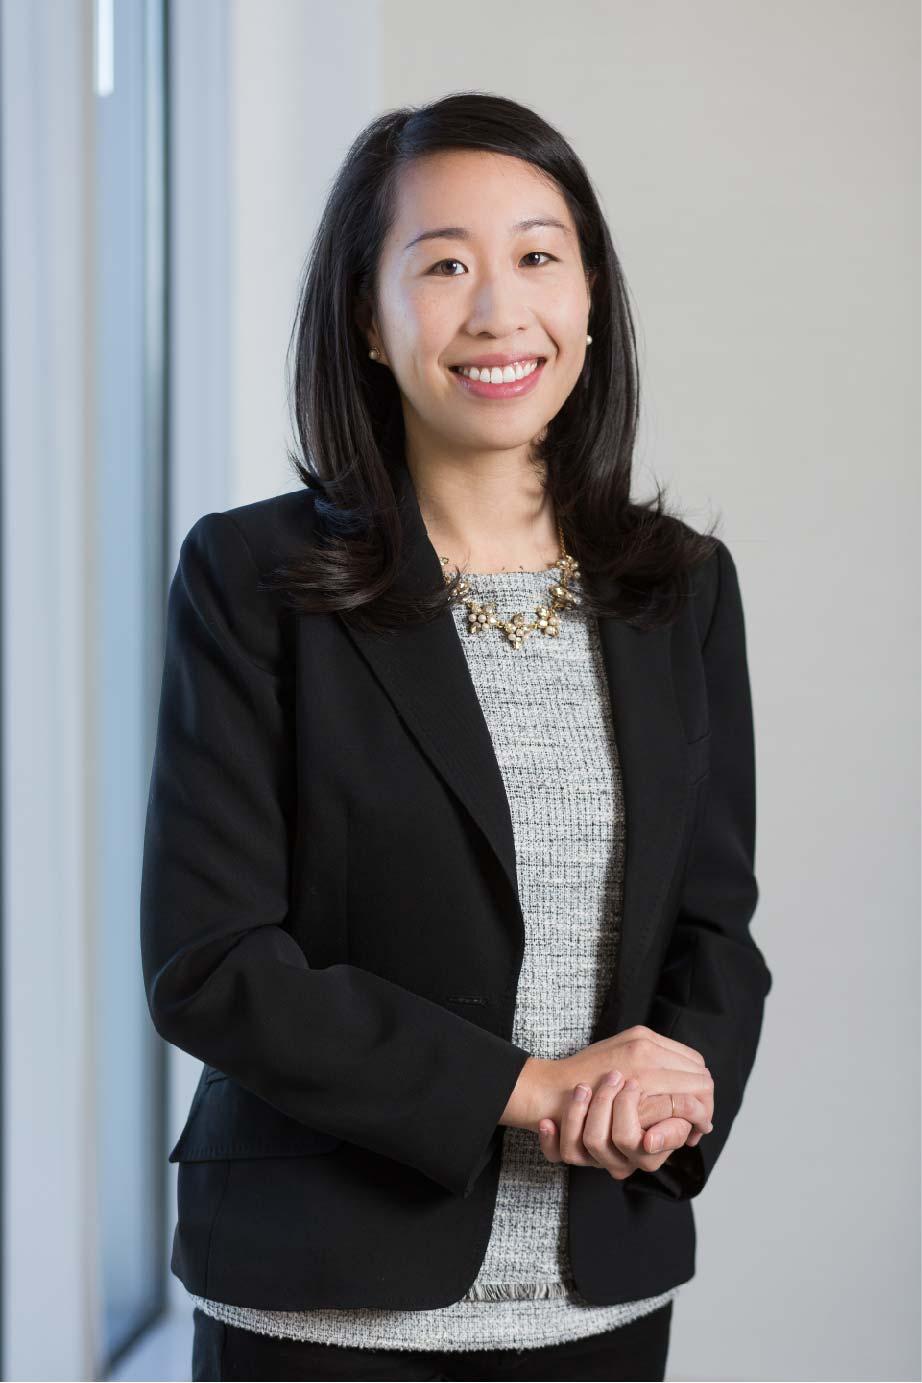 Jocelyn S. Chen